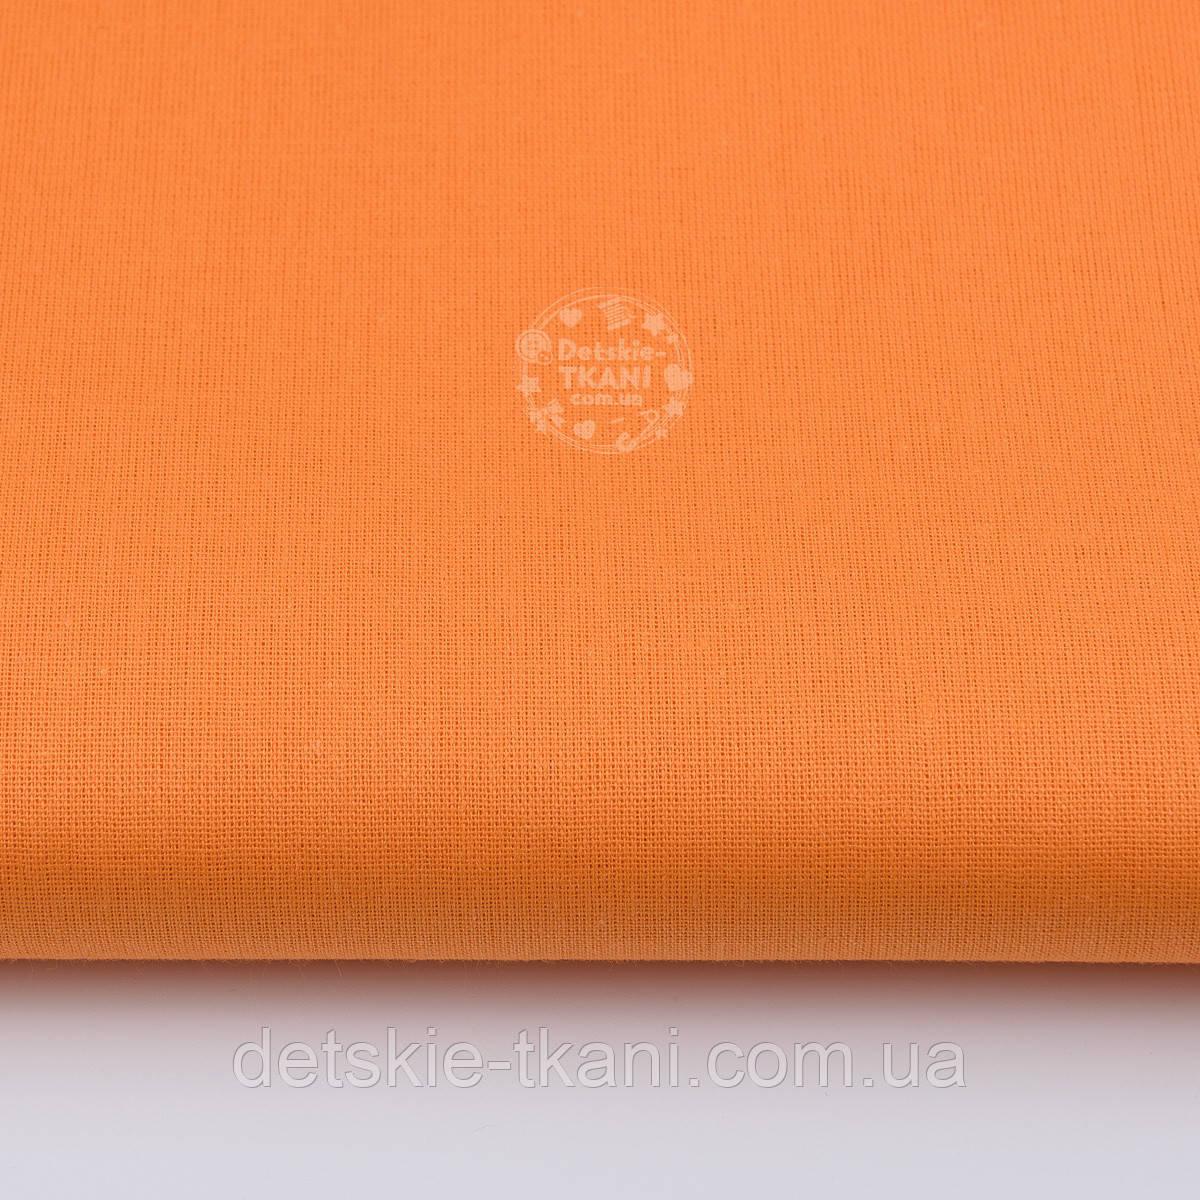 Однотонная польская бязь оранжевого цвета (№52).